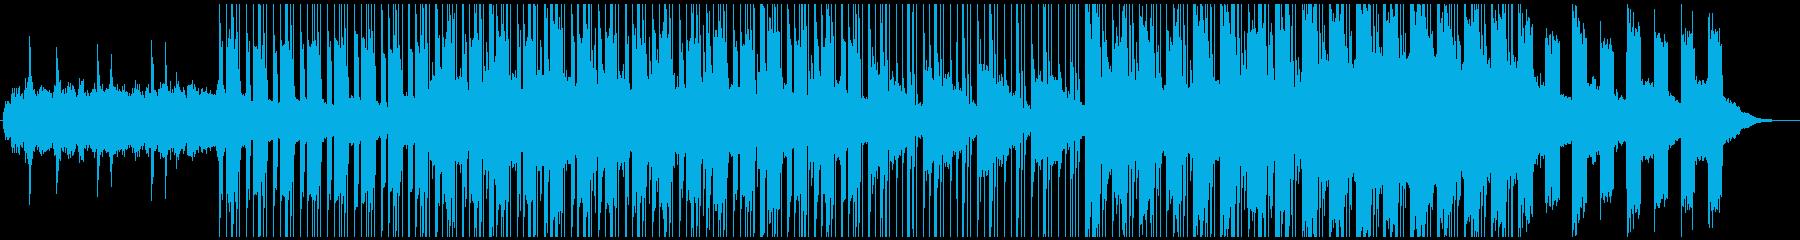 深夜に心の闇を彷徨っているアンビエント曲の再生済みの波形